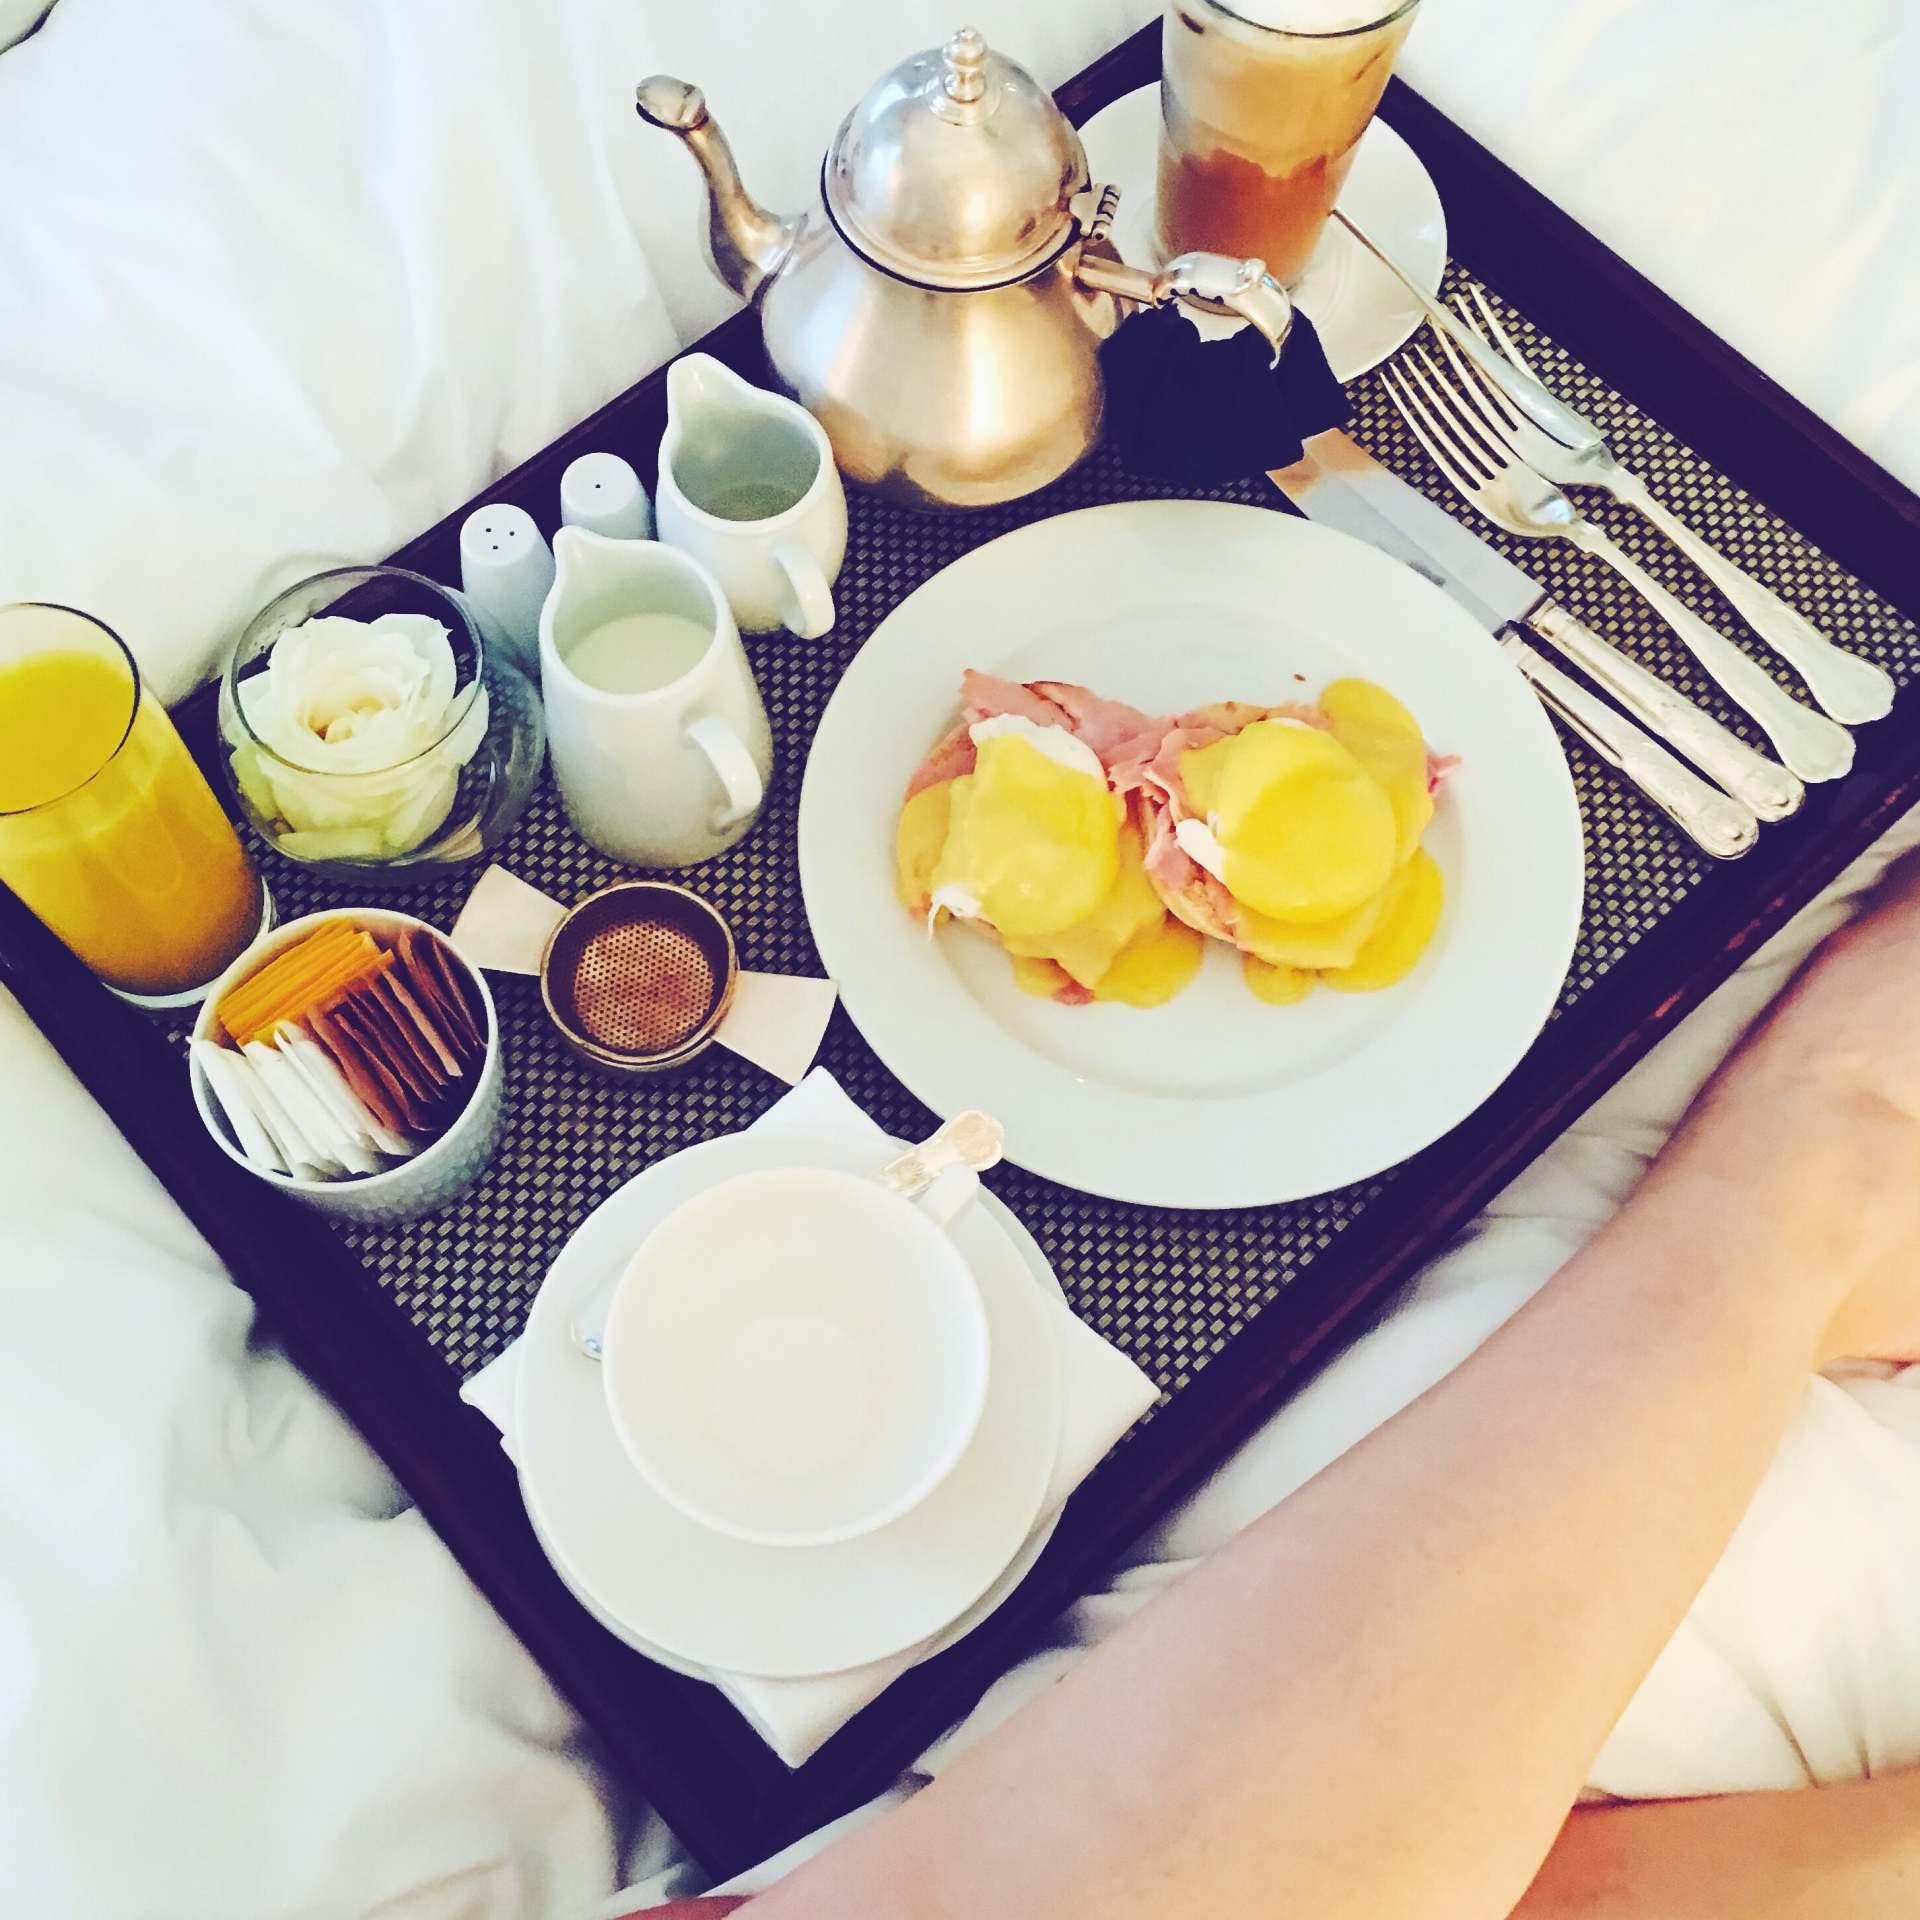 dukes mayfair breakfast